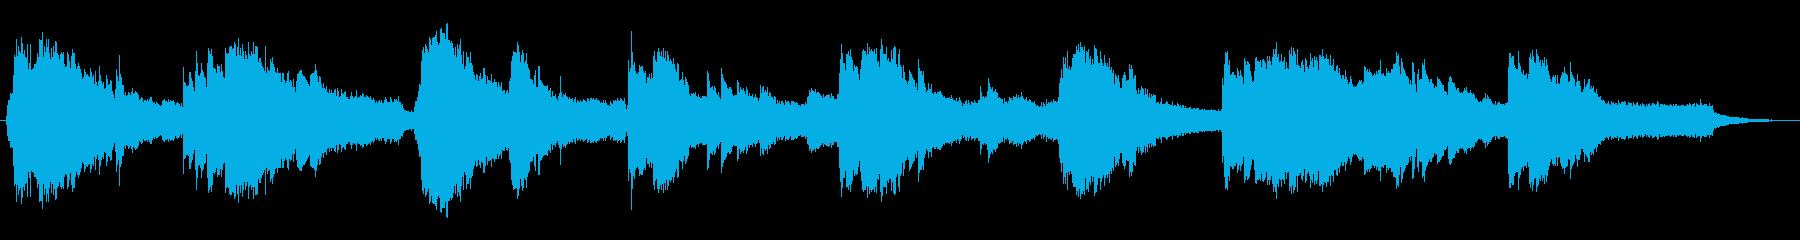 薄明かりの雰囲気のピアノとシンセサイザーの再生済みの波形